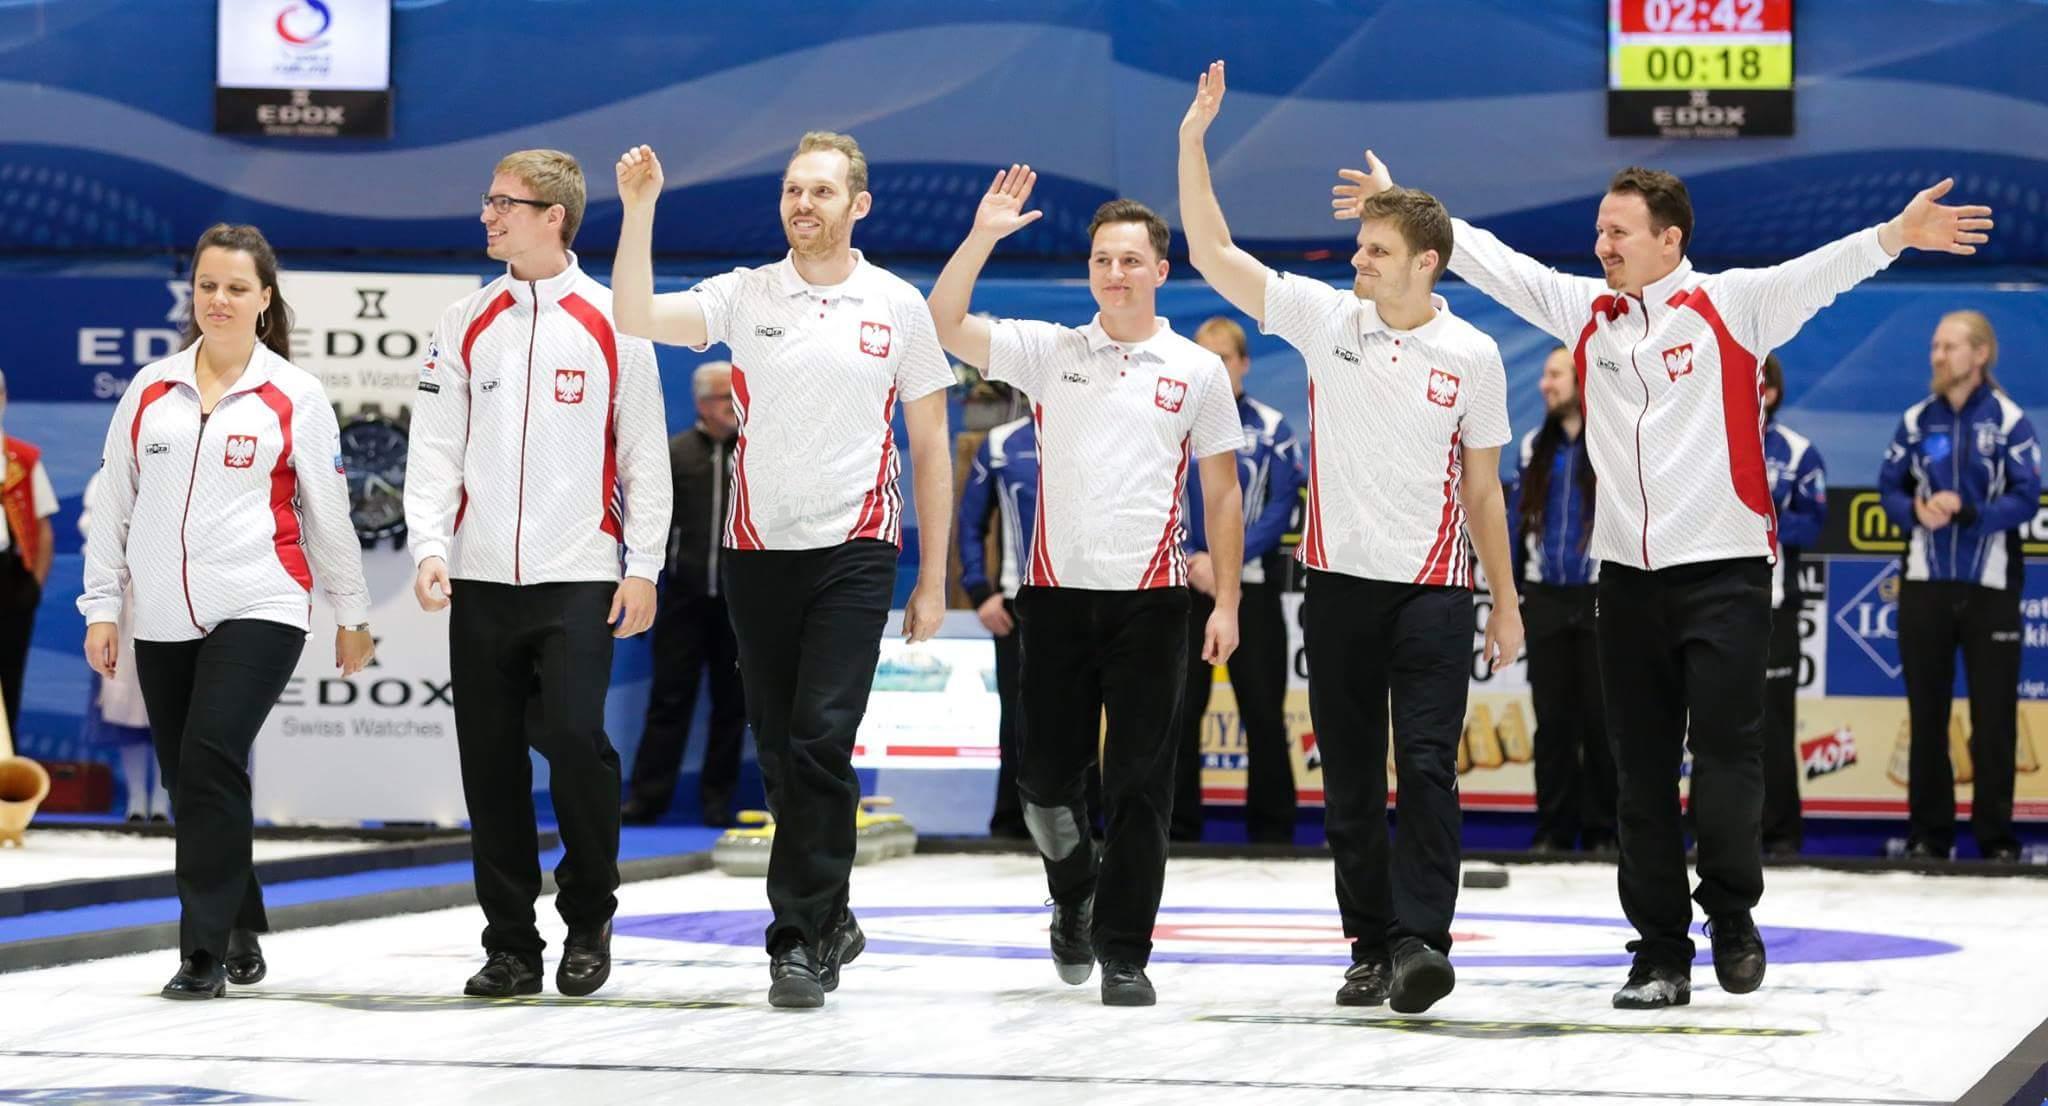 Polski curling idzie do przodu